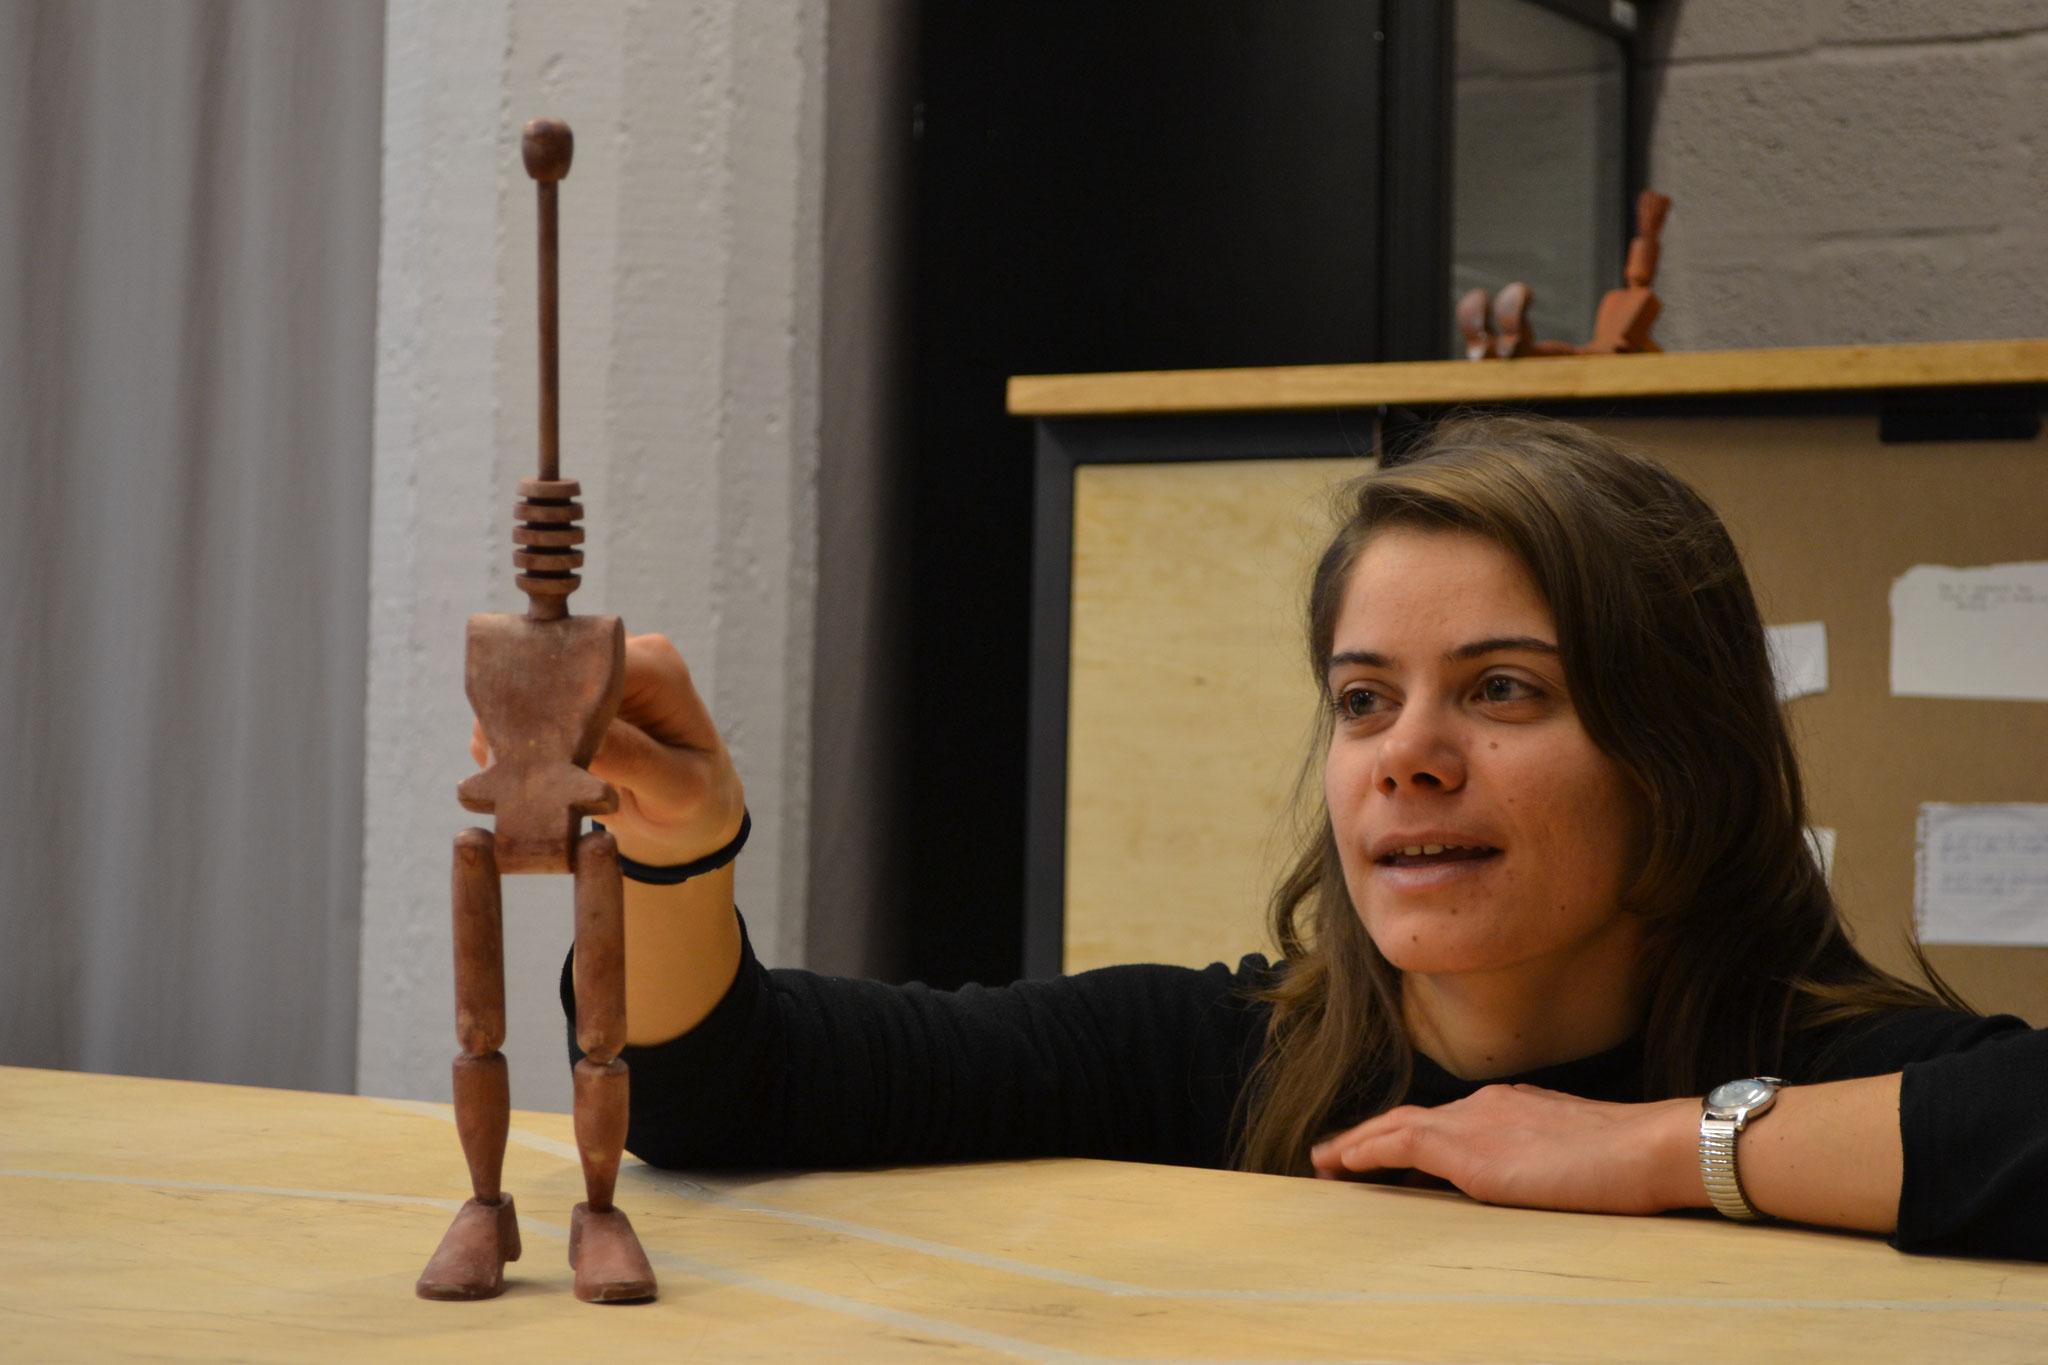 Workshop pro ''Petite grammaire de la marionnette''